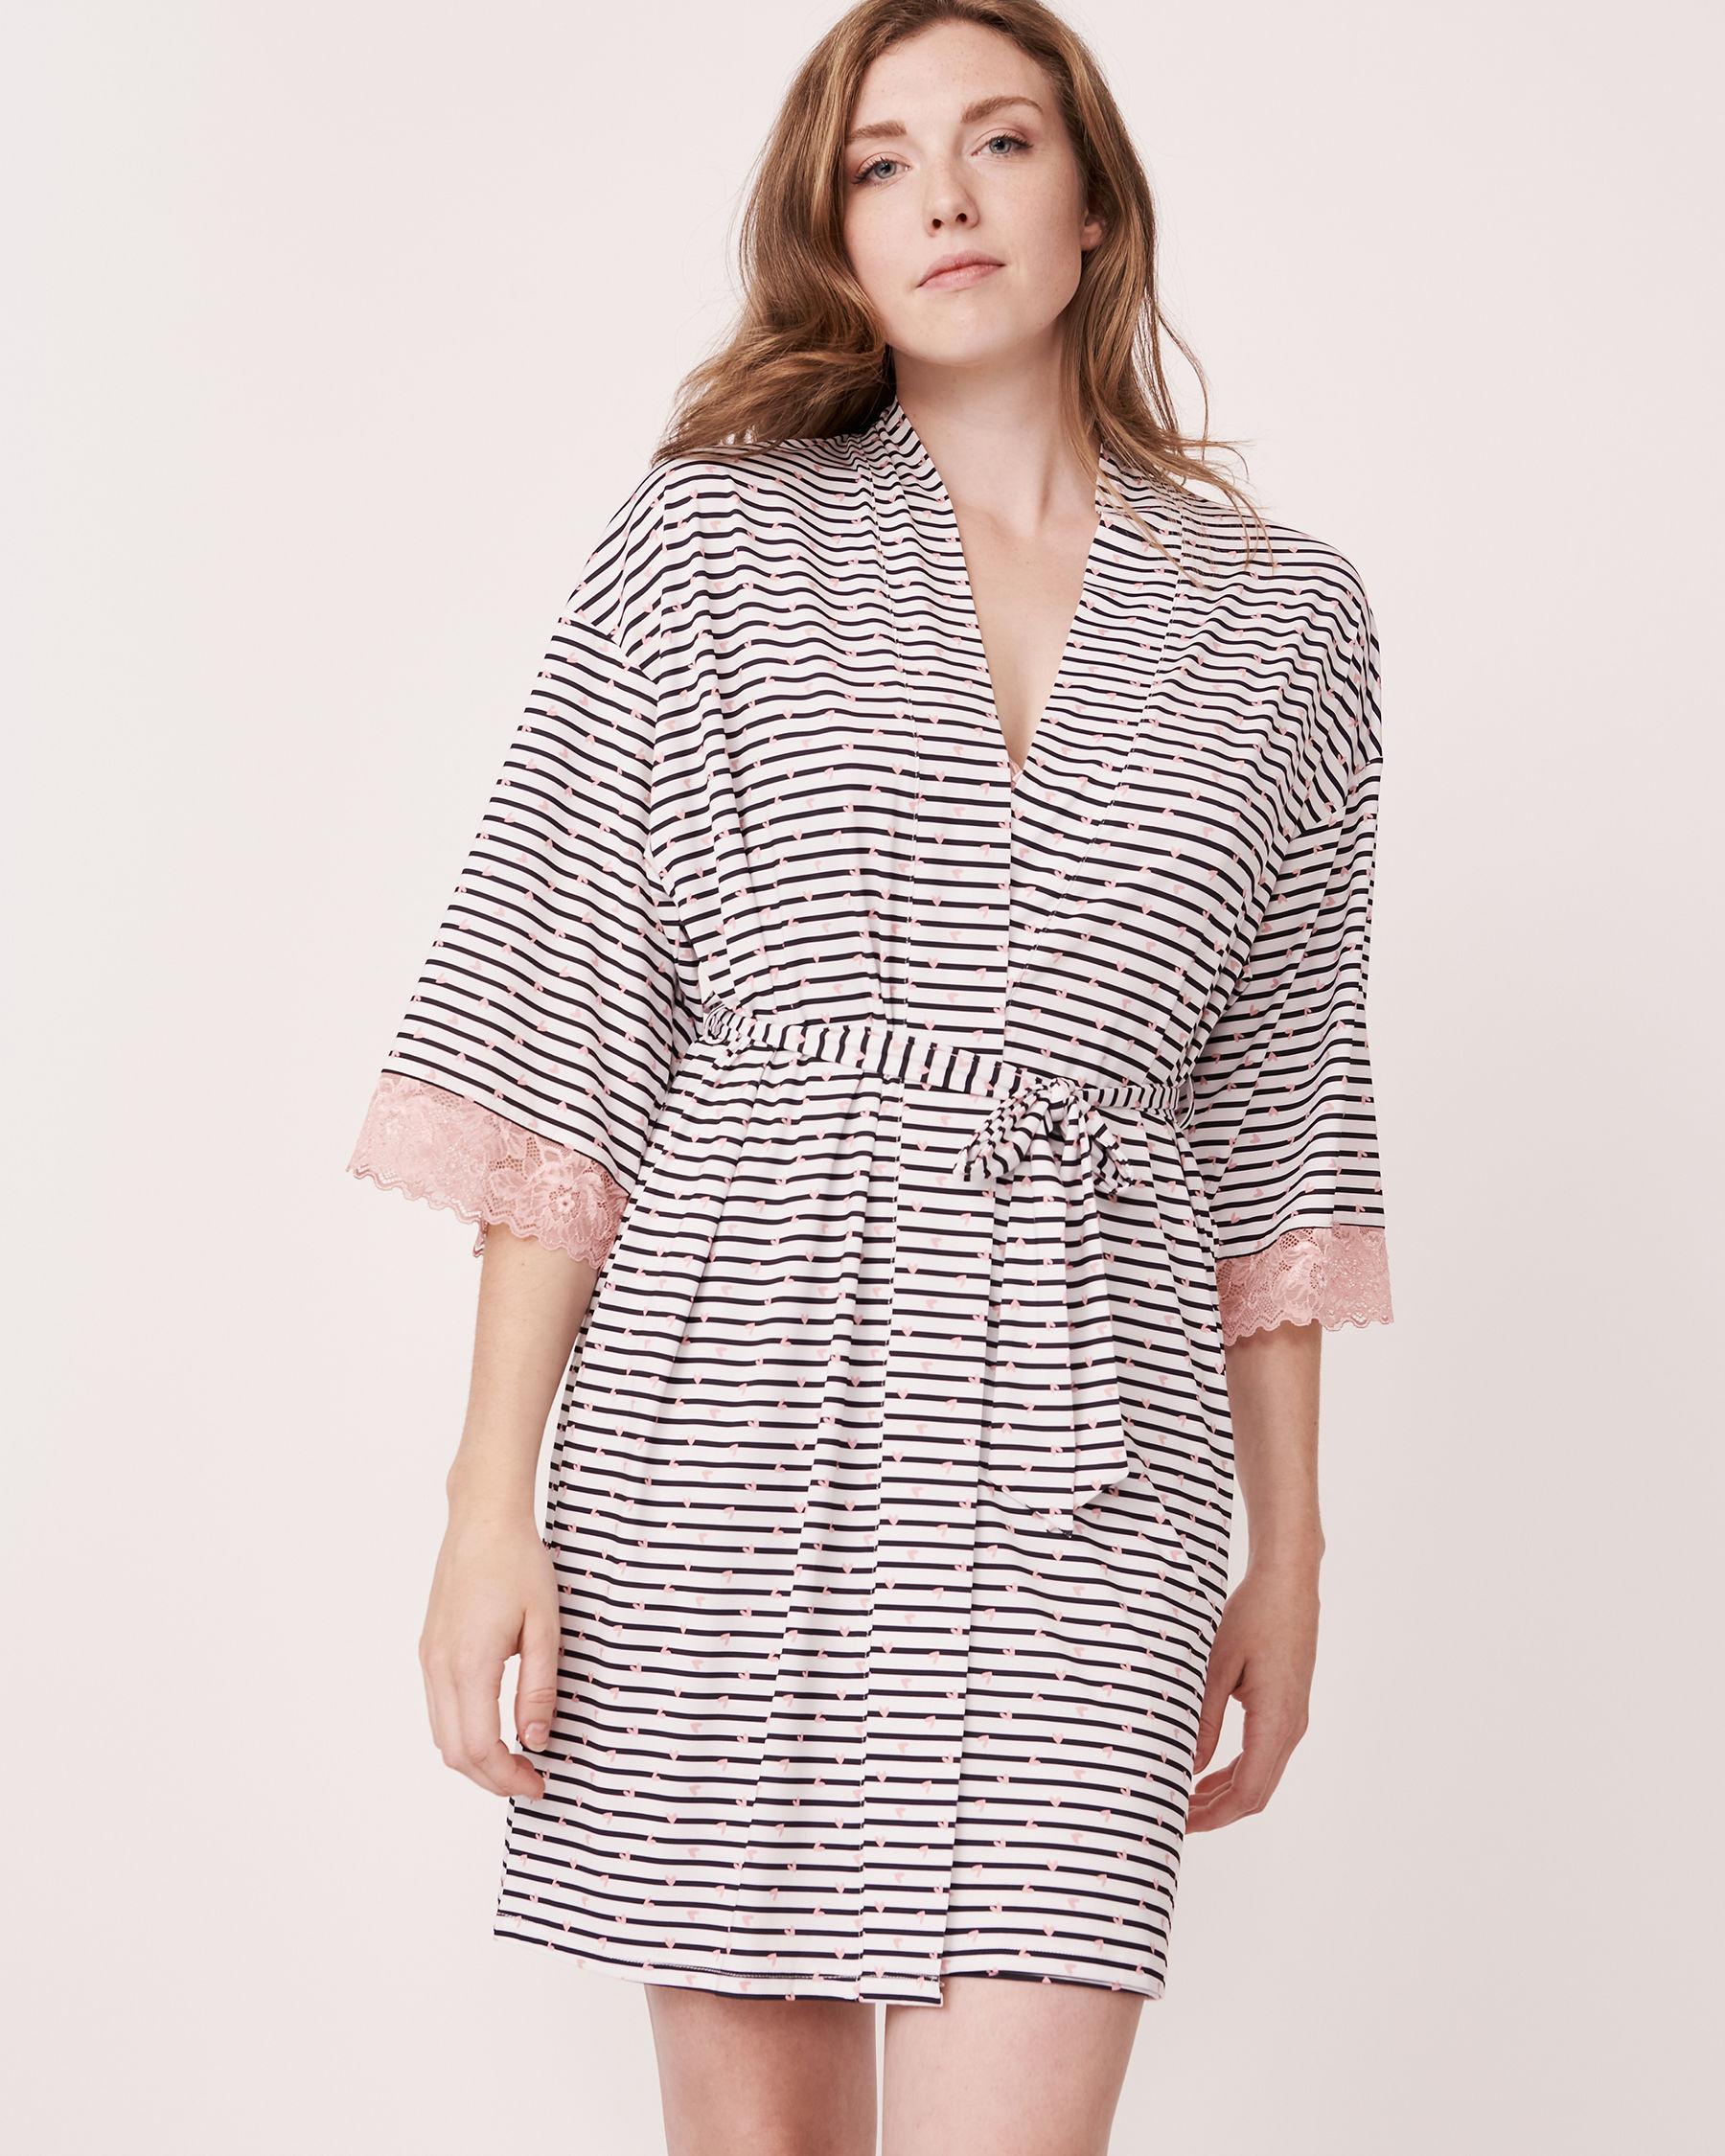 LA VIE EN ROSE Recycled Fibers Lace Trim Kimono Heart and stripe 758-435-0-11 - View5